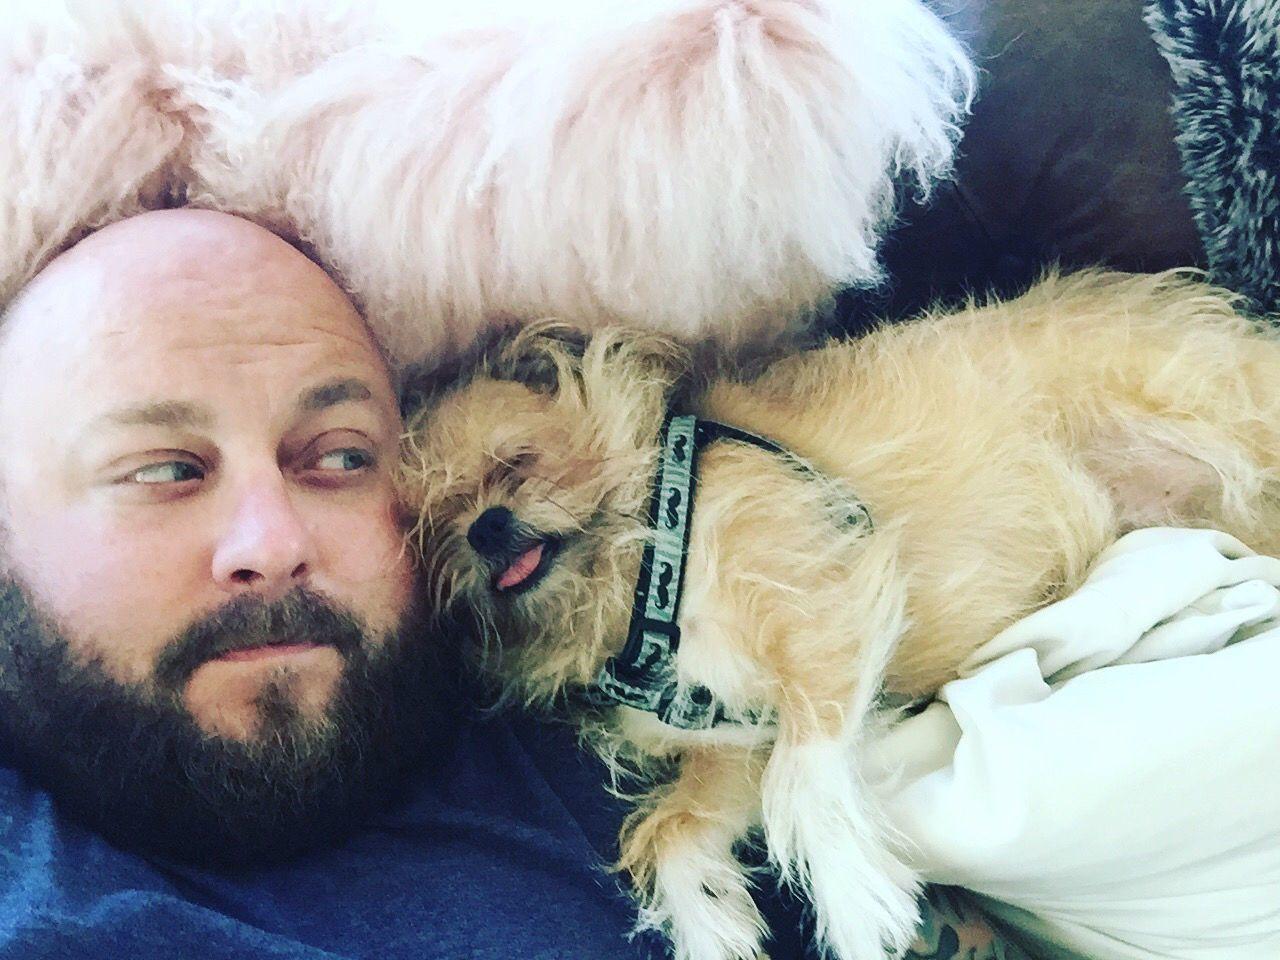 Derp Brusselsgriffon Everydayimbrusseling Beardedman Beard Bald Manandhisdog